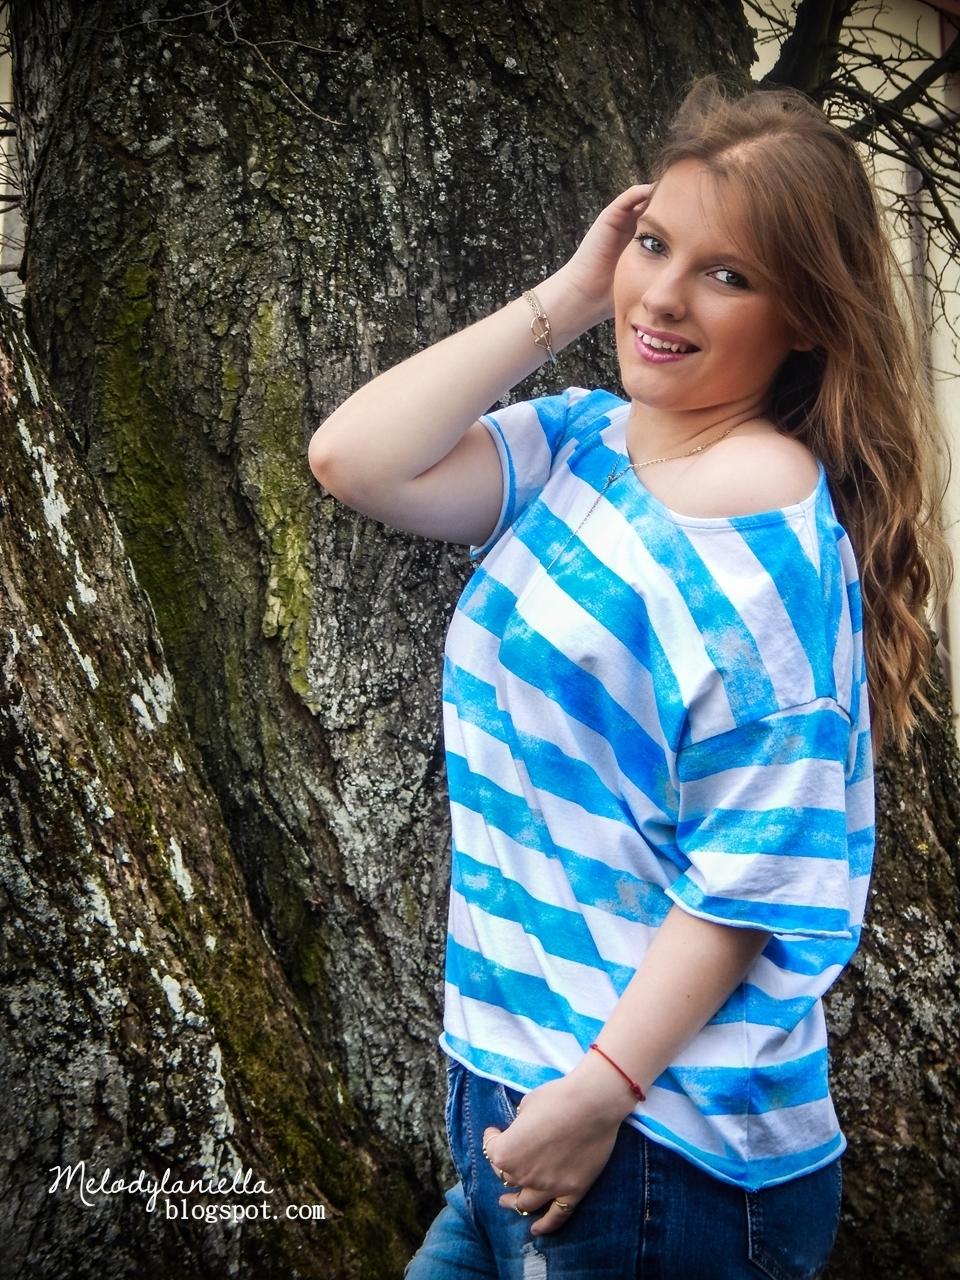 bonprix bluzka w bialo niebieskie paski tshirt koszulka marynarska style moda lato wakacje